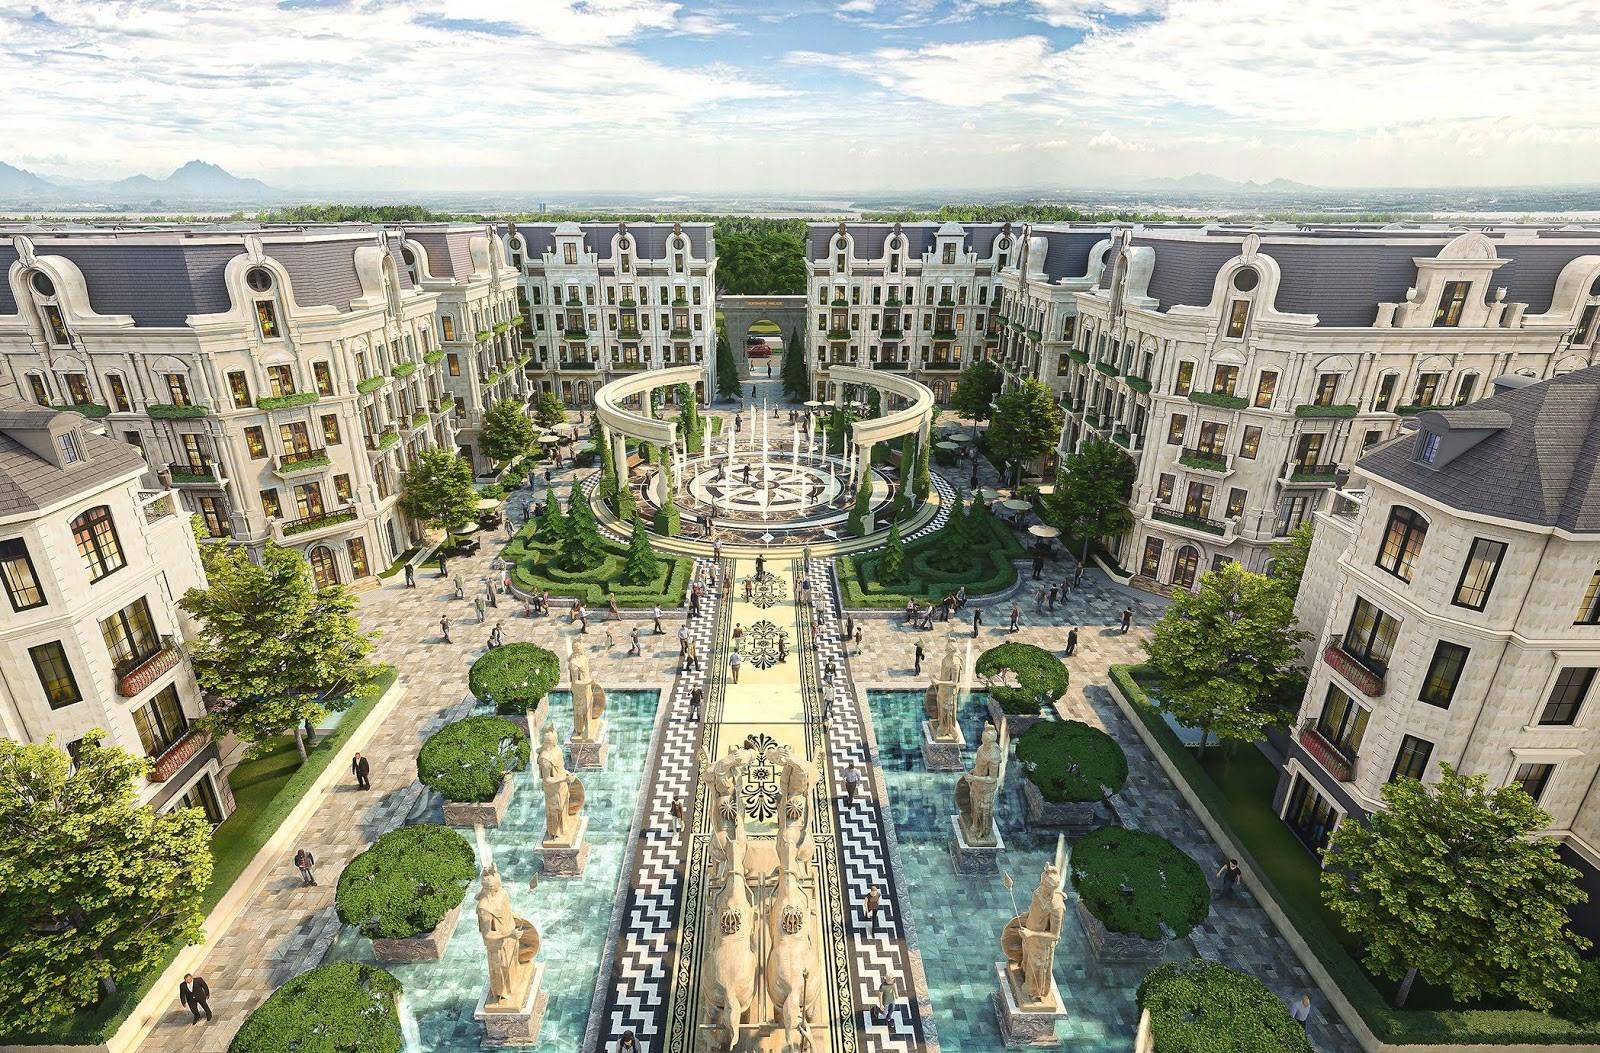 Hơn 500 villas, shop villas sắp xuất hiện tại KĐT Ciputra - Ảnh 3